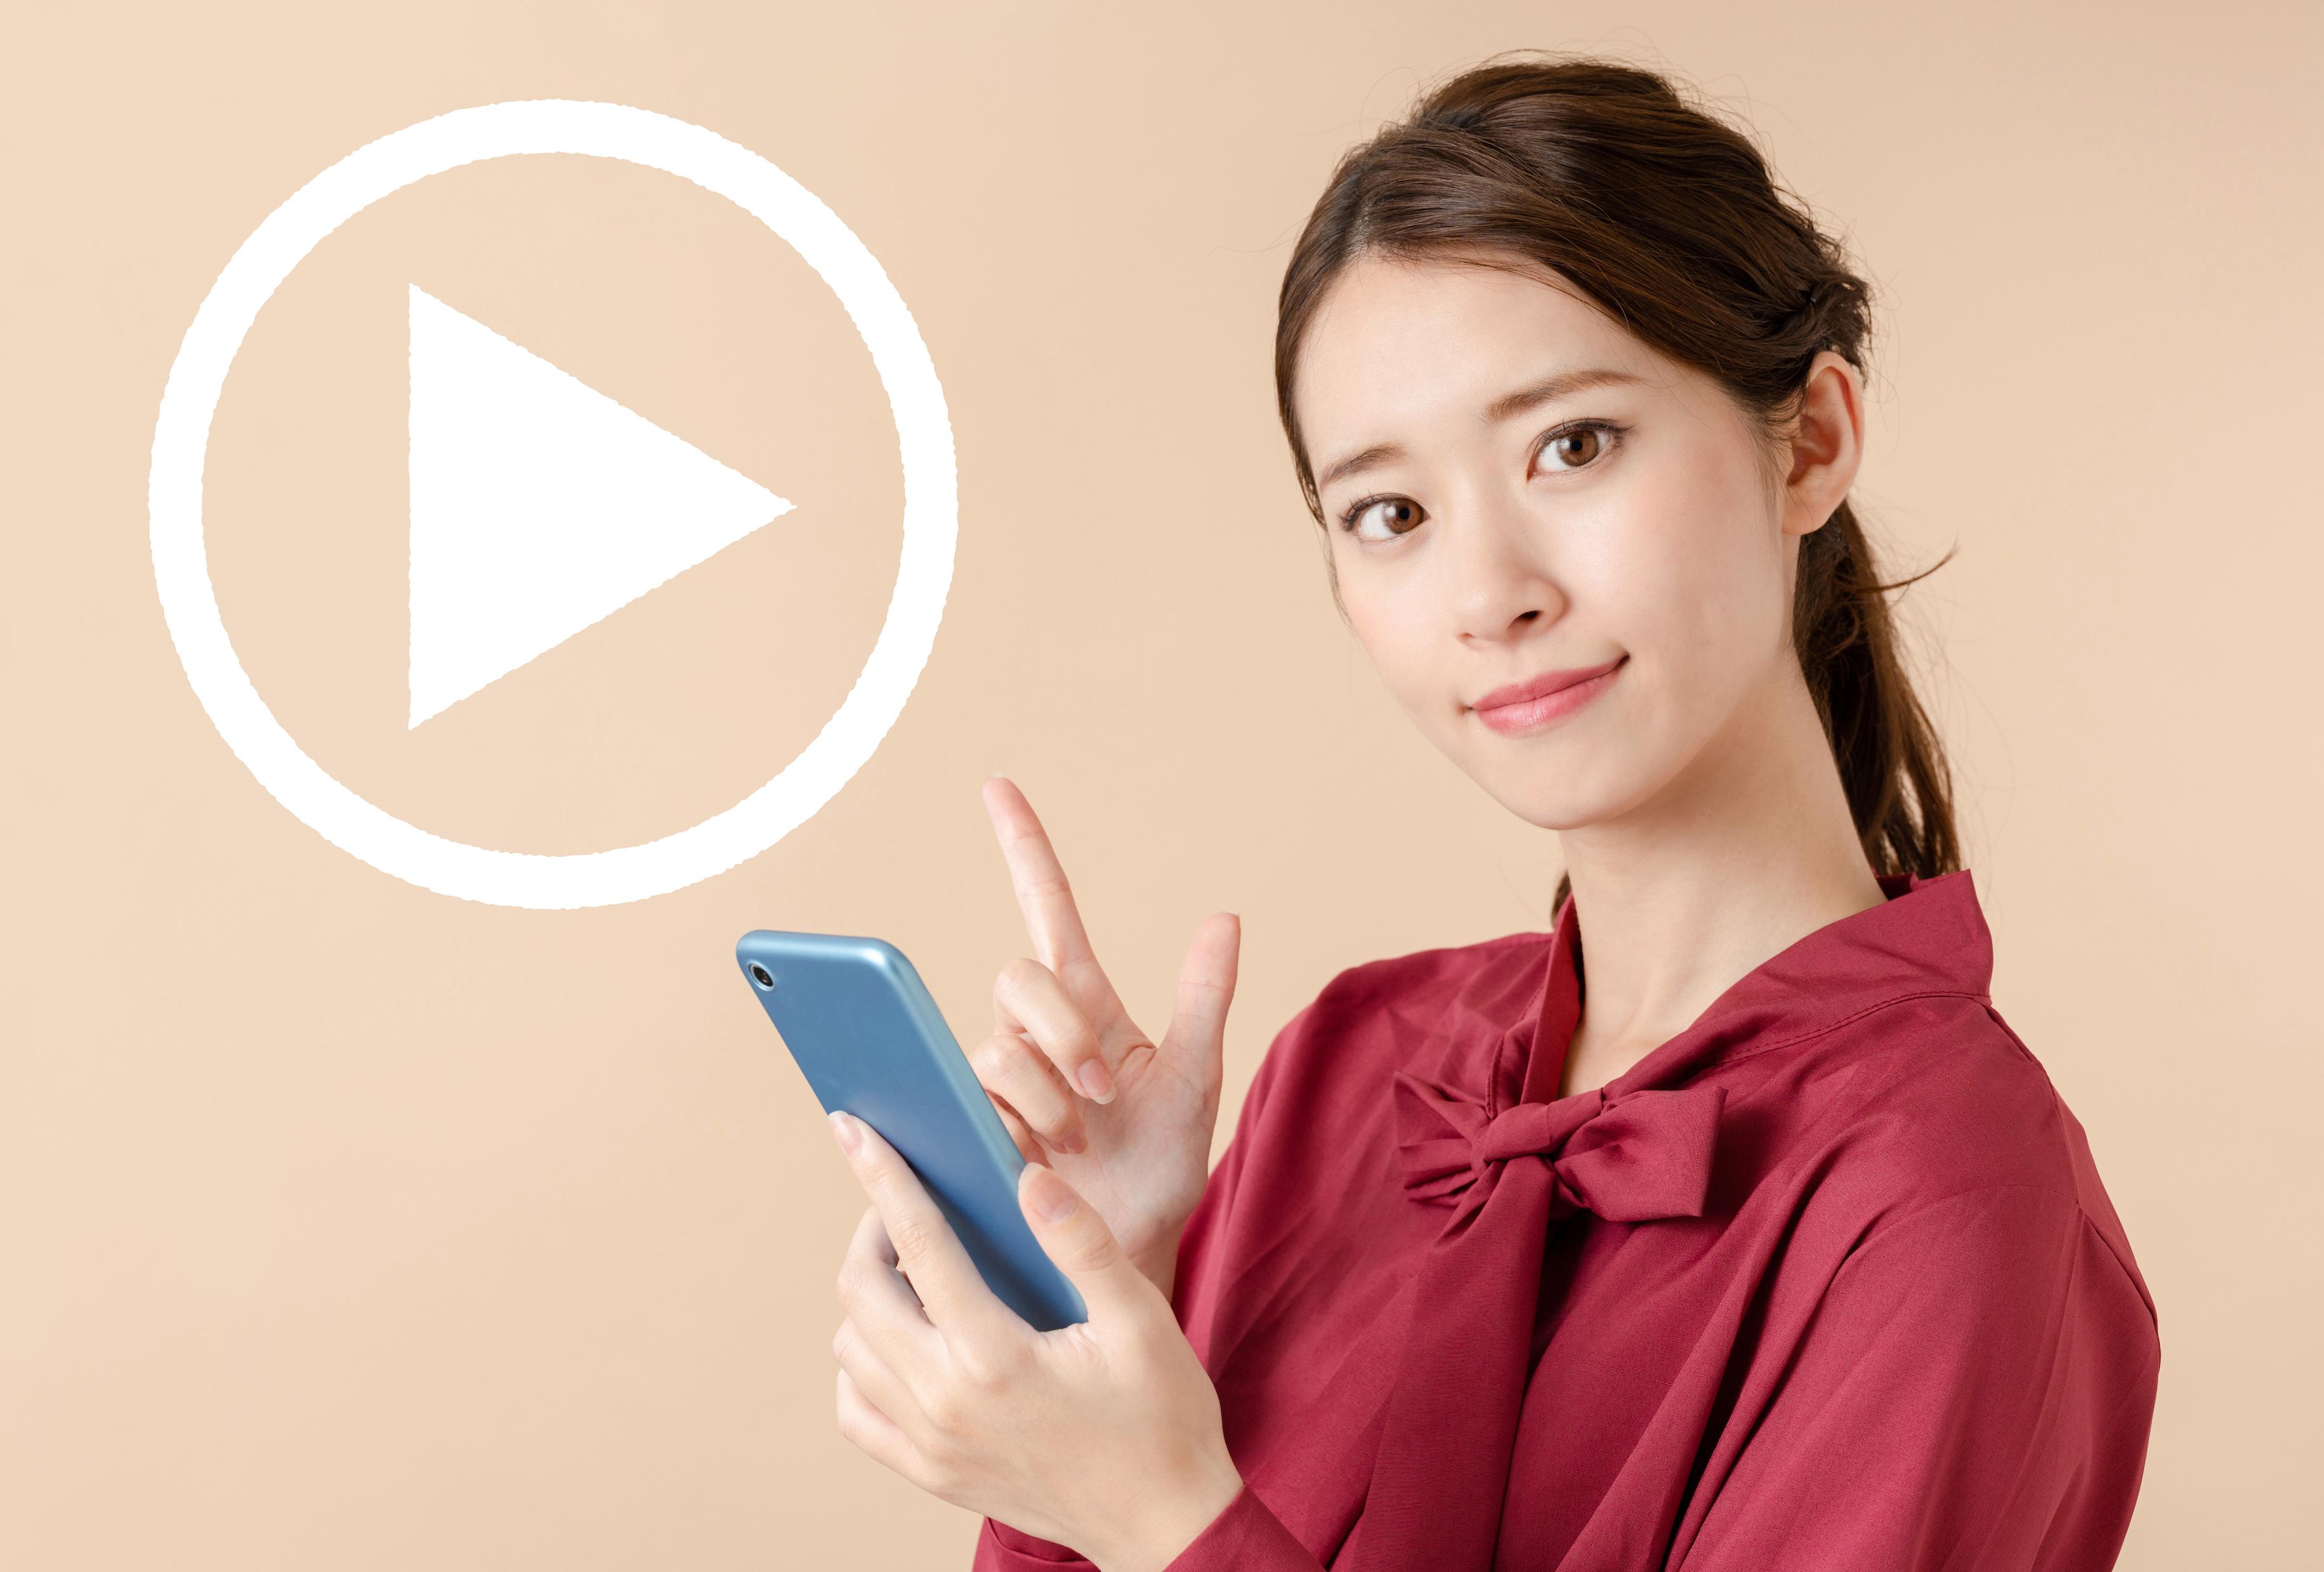 スマホで動画を探す女性